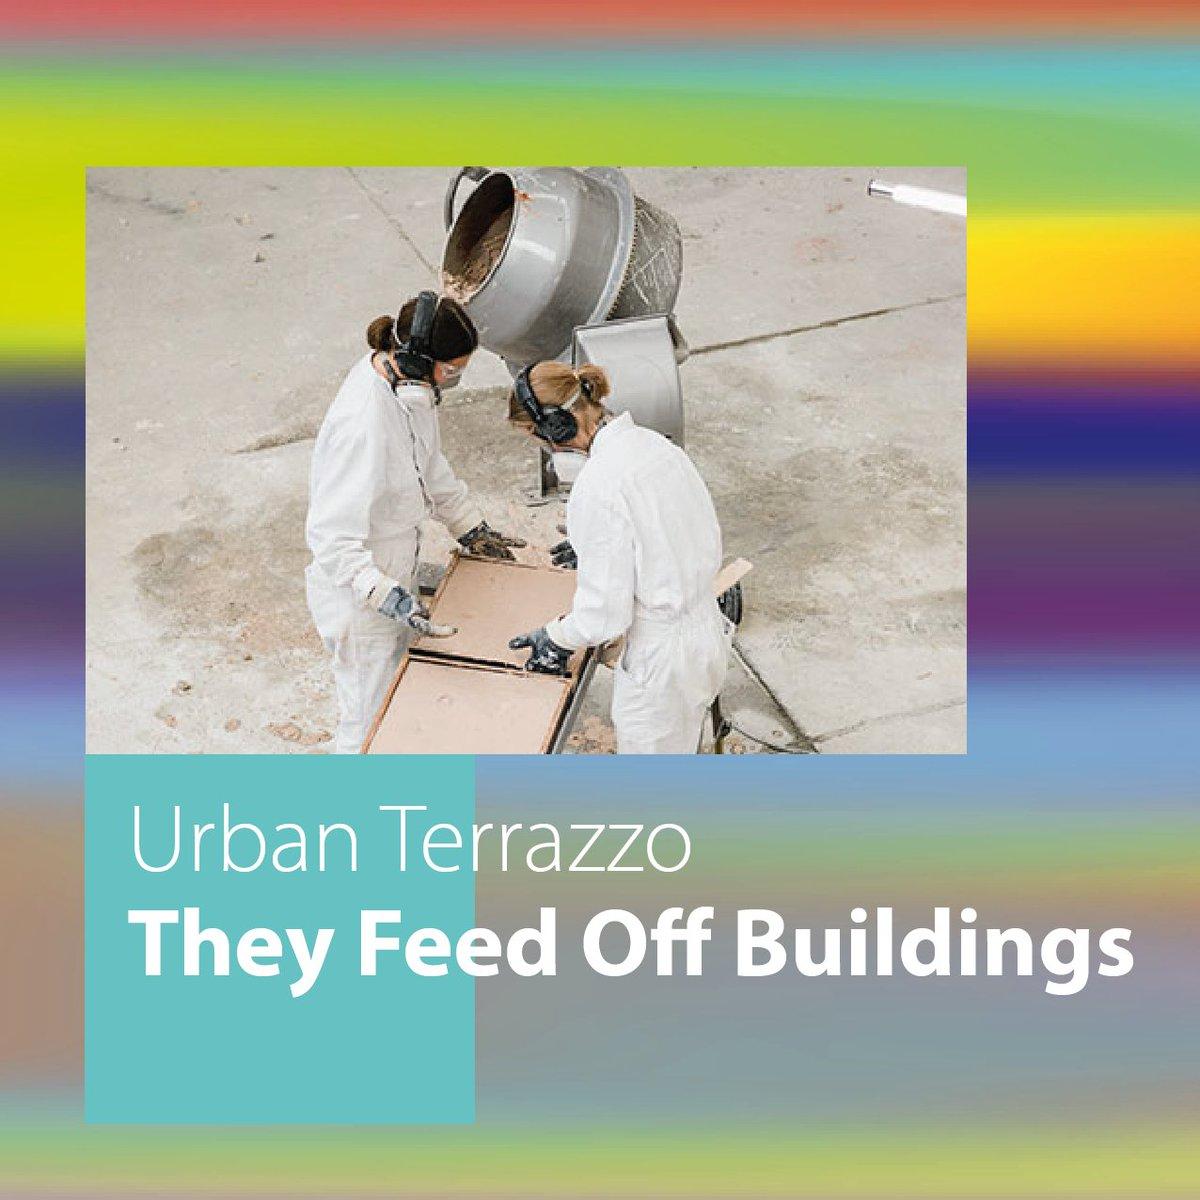 Unser Aussteller Urban Terrazzo wandelt alten Bauschutt in ein neues Oberflächenmaterial um: Beton, Ziegel und andere Baustoffe werden nach den Prinzipien der traditionellen Terrazzo-Kunst und mithilfe moderner Technologie, veredelt. Sieh selbst und #rauschvorbei #oekorauschpic.twitter.com/zIWqB3Q5IJ